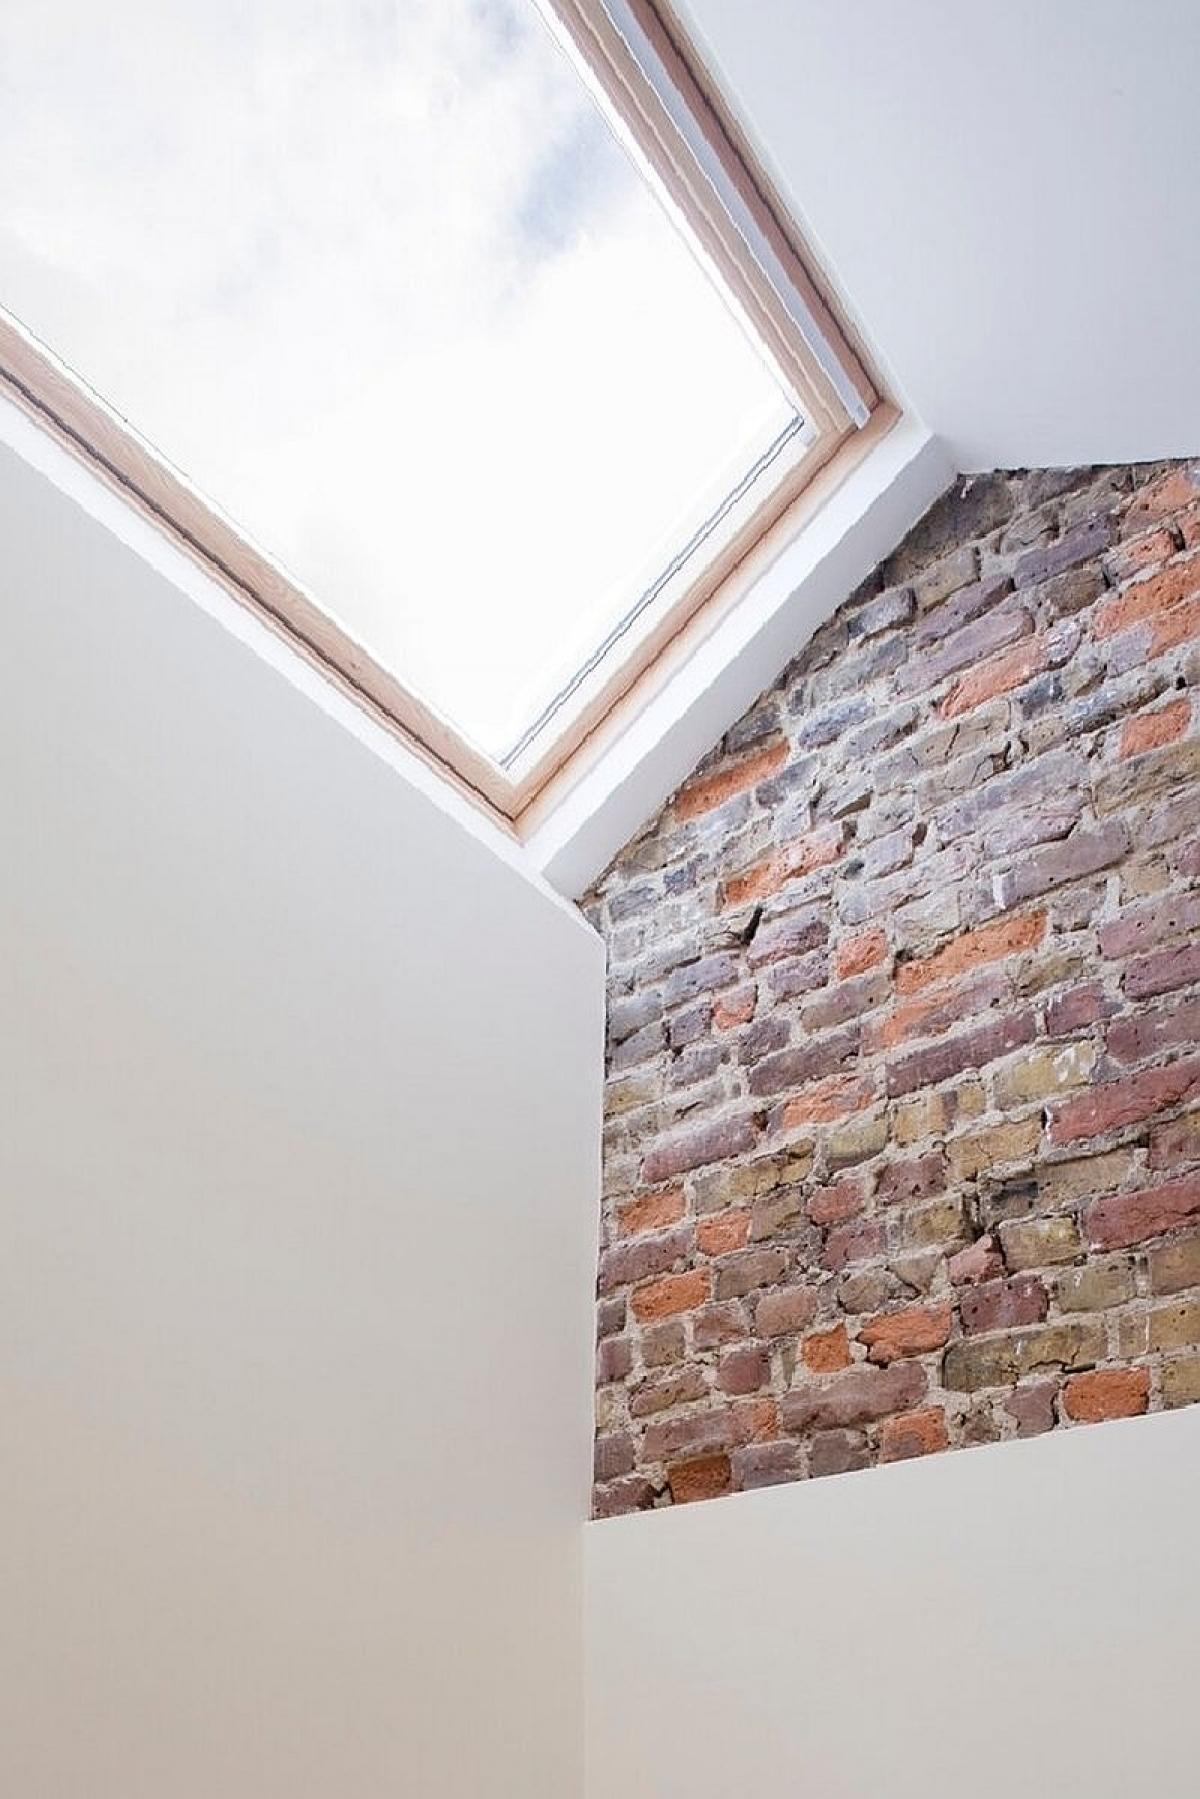 Để lộ một phần gạch trên tường tạo được điểm nhấn ấn tượng trong không gian.